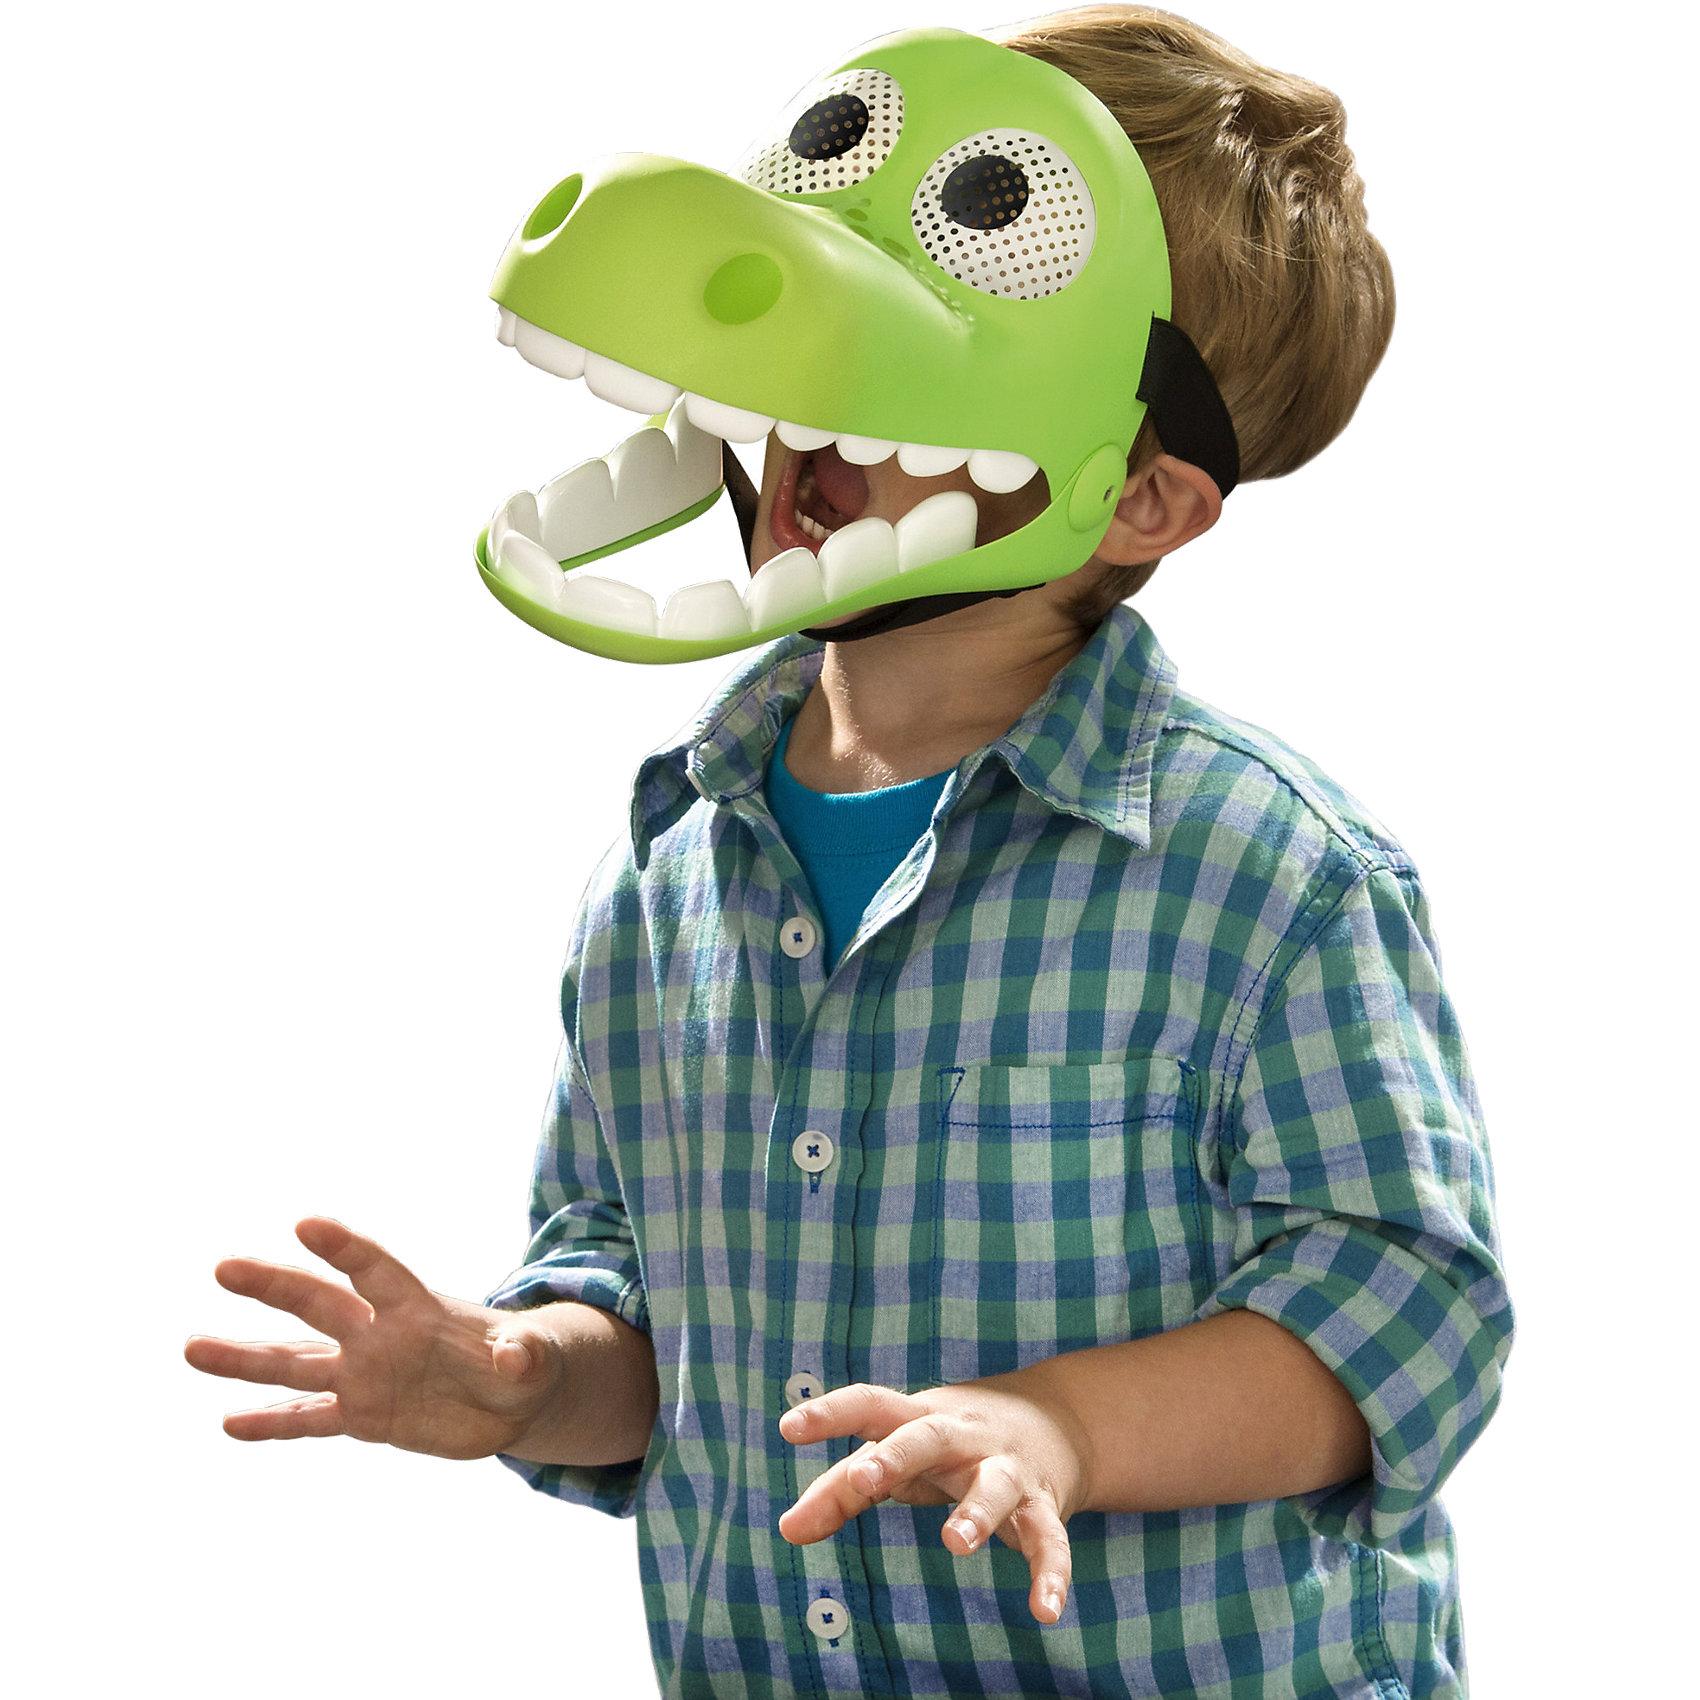 Маска Арло, Хороший динозаврМаска Арло, Хороший динозавр – это возможность превратить праздник в необычное, яркое шоу.<br>Яркая зеленая маска изображает добродушного динозаврика Арло, главного героя мультфильма Хороший Динозавр студии Disney Pixar! Самая интересная особенность маски - подвижная челюсть, которая открывается и закрывается вместе со ртом ребенка. Для этого эффекта под подбородком закрепляется специальный ремешок, его длина регулируется липучкой. Маска можно носить на Хэллоуин или новогодний карнавал, а можно наряжаться Арло для сюжетных игр с друзьями! Маска выполнена из экологически чистого легкого пластика и абсолютно безопасна для Вашего ребёнка.<br><br>Дополнительная информация:<br><br>- Материал: пластик<br>- Цвет: зеленый<br>- Размер упаковки: 30 х 10 х 20 см.<br>- Вес: 0,4 кг.<br><br>Маску Арло, Хороший динозавр можно купить в нашем интернет-магазине.<br><br>Ширина мм: 225<br>Глубина мм: 175<br>Высота мм: 144<br>Вес г: 306<br>Возраст от месяцев: 36<br>Возраст до месяцев: 72<br>Пол: Мужской<br>Возраст: Детский<br>SKU: 4175292